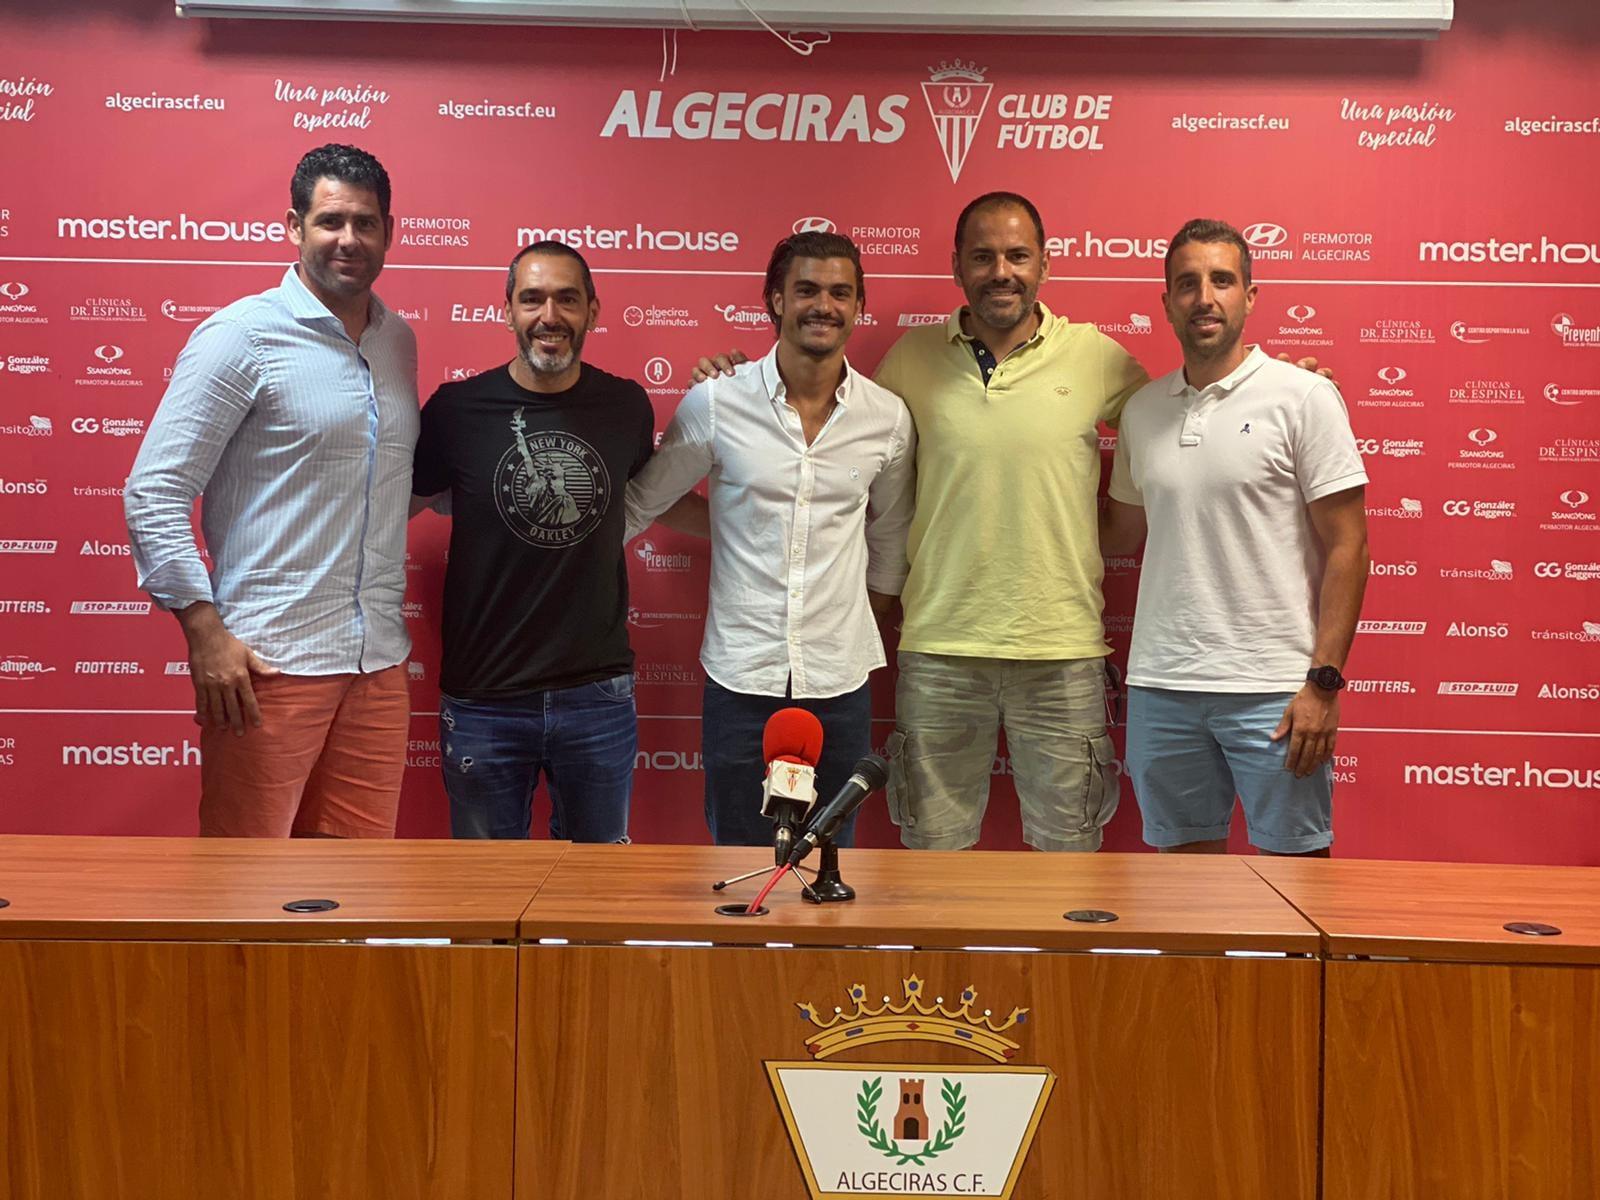 DIEGO RODRIGUEZ PREPARADO ALGECIRAS